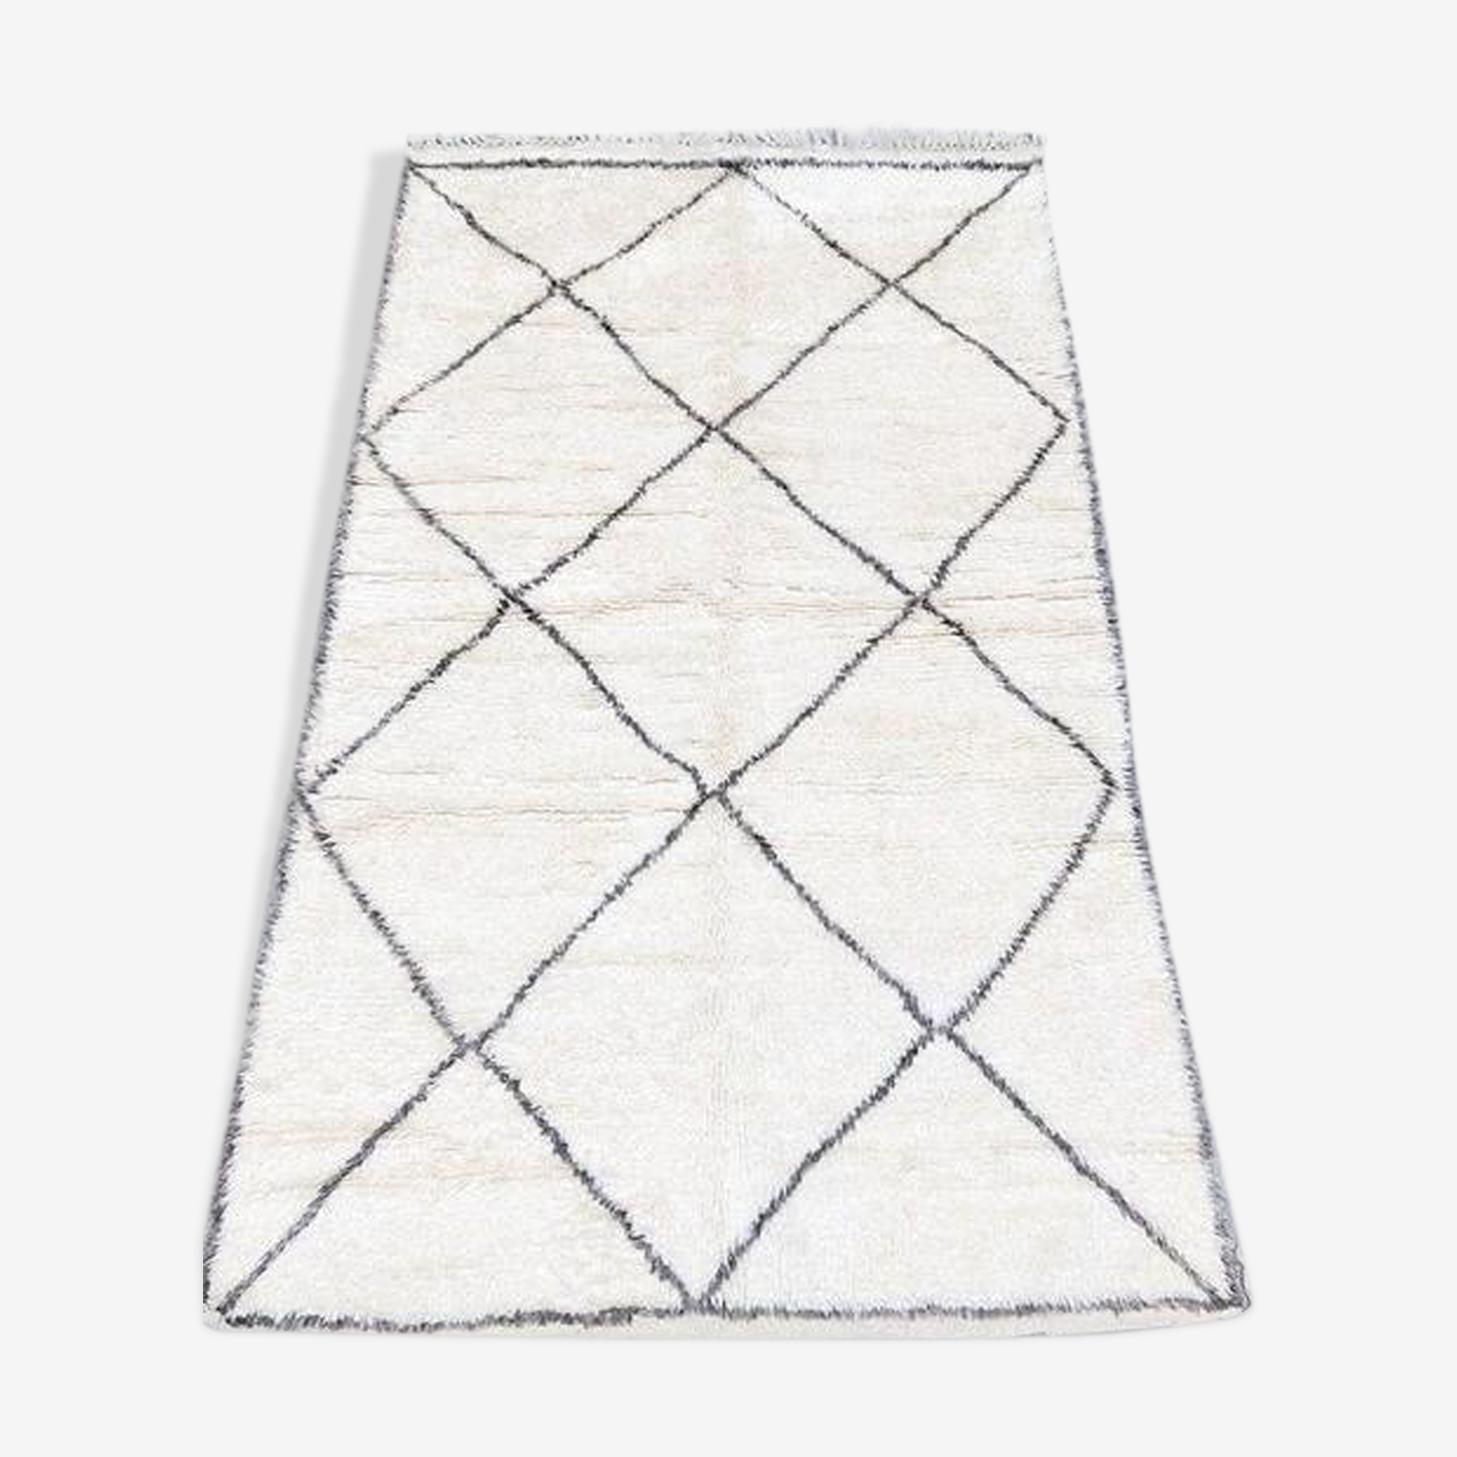 Tapis beni ouarain 255x150cm, tapis berbère, tapis marocain